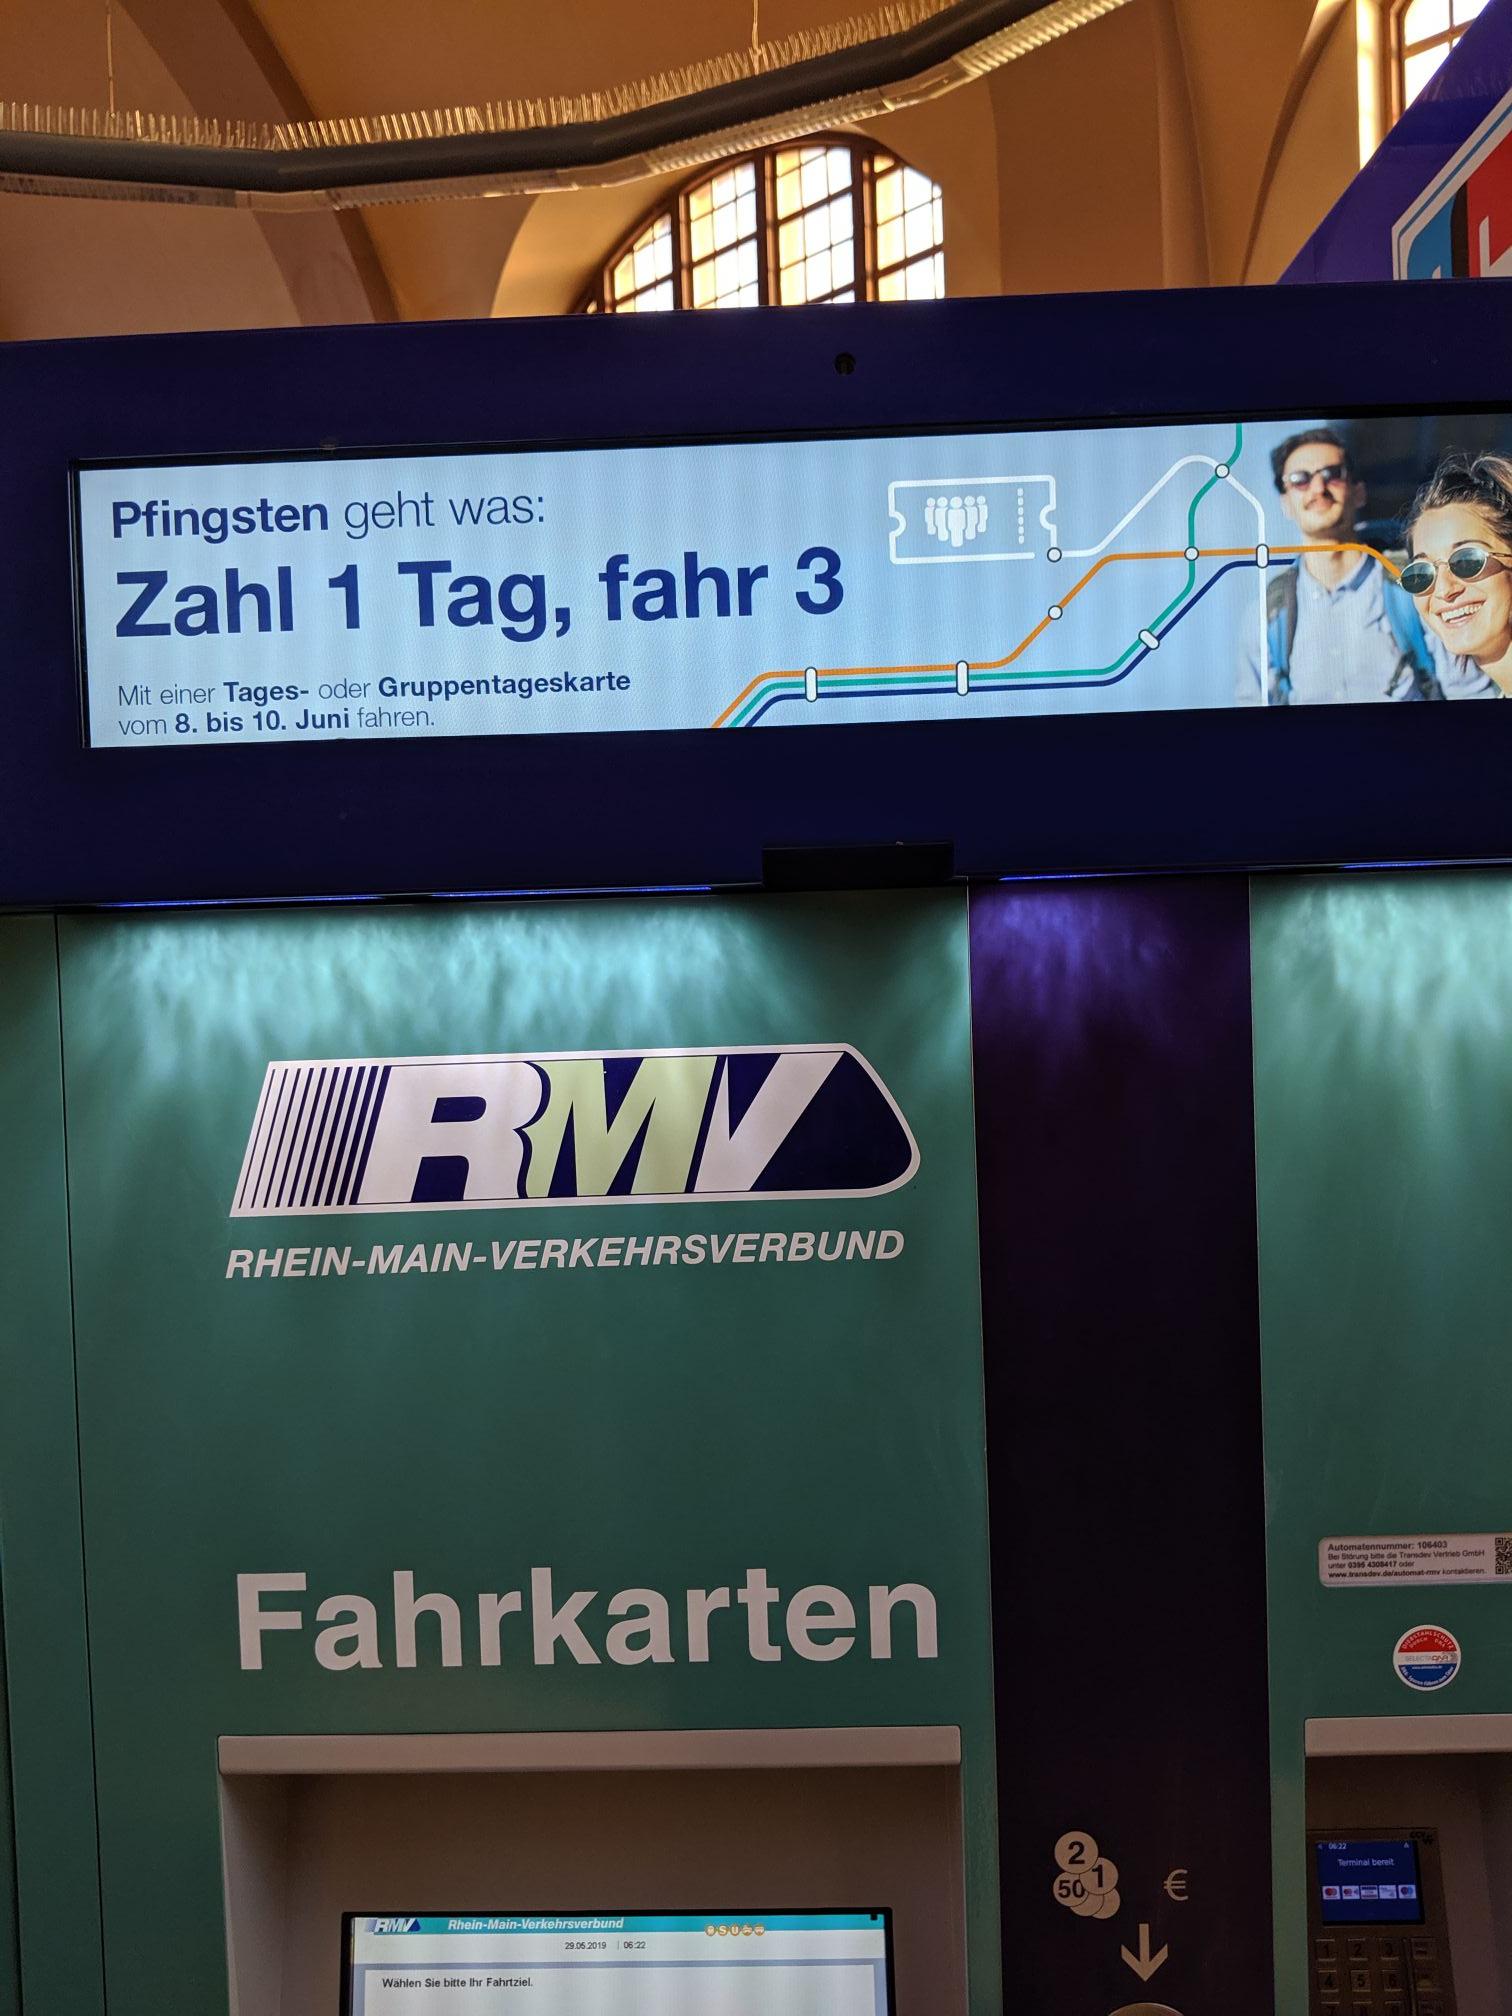 RMV: 1 Tag zahlen 3 Tage fahren über Pfingsten 8.6 bis 10.6